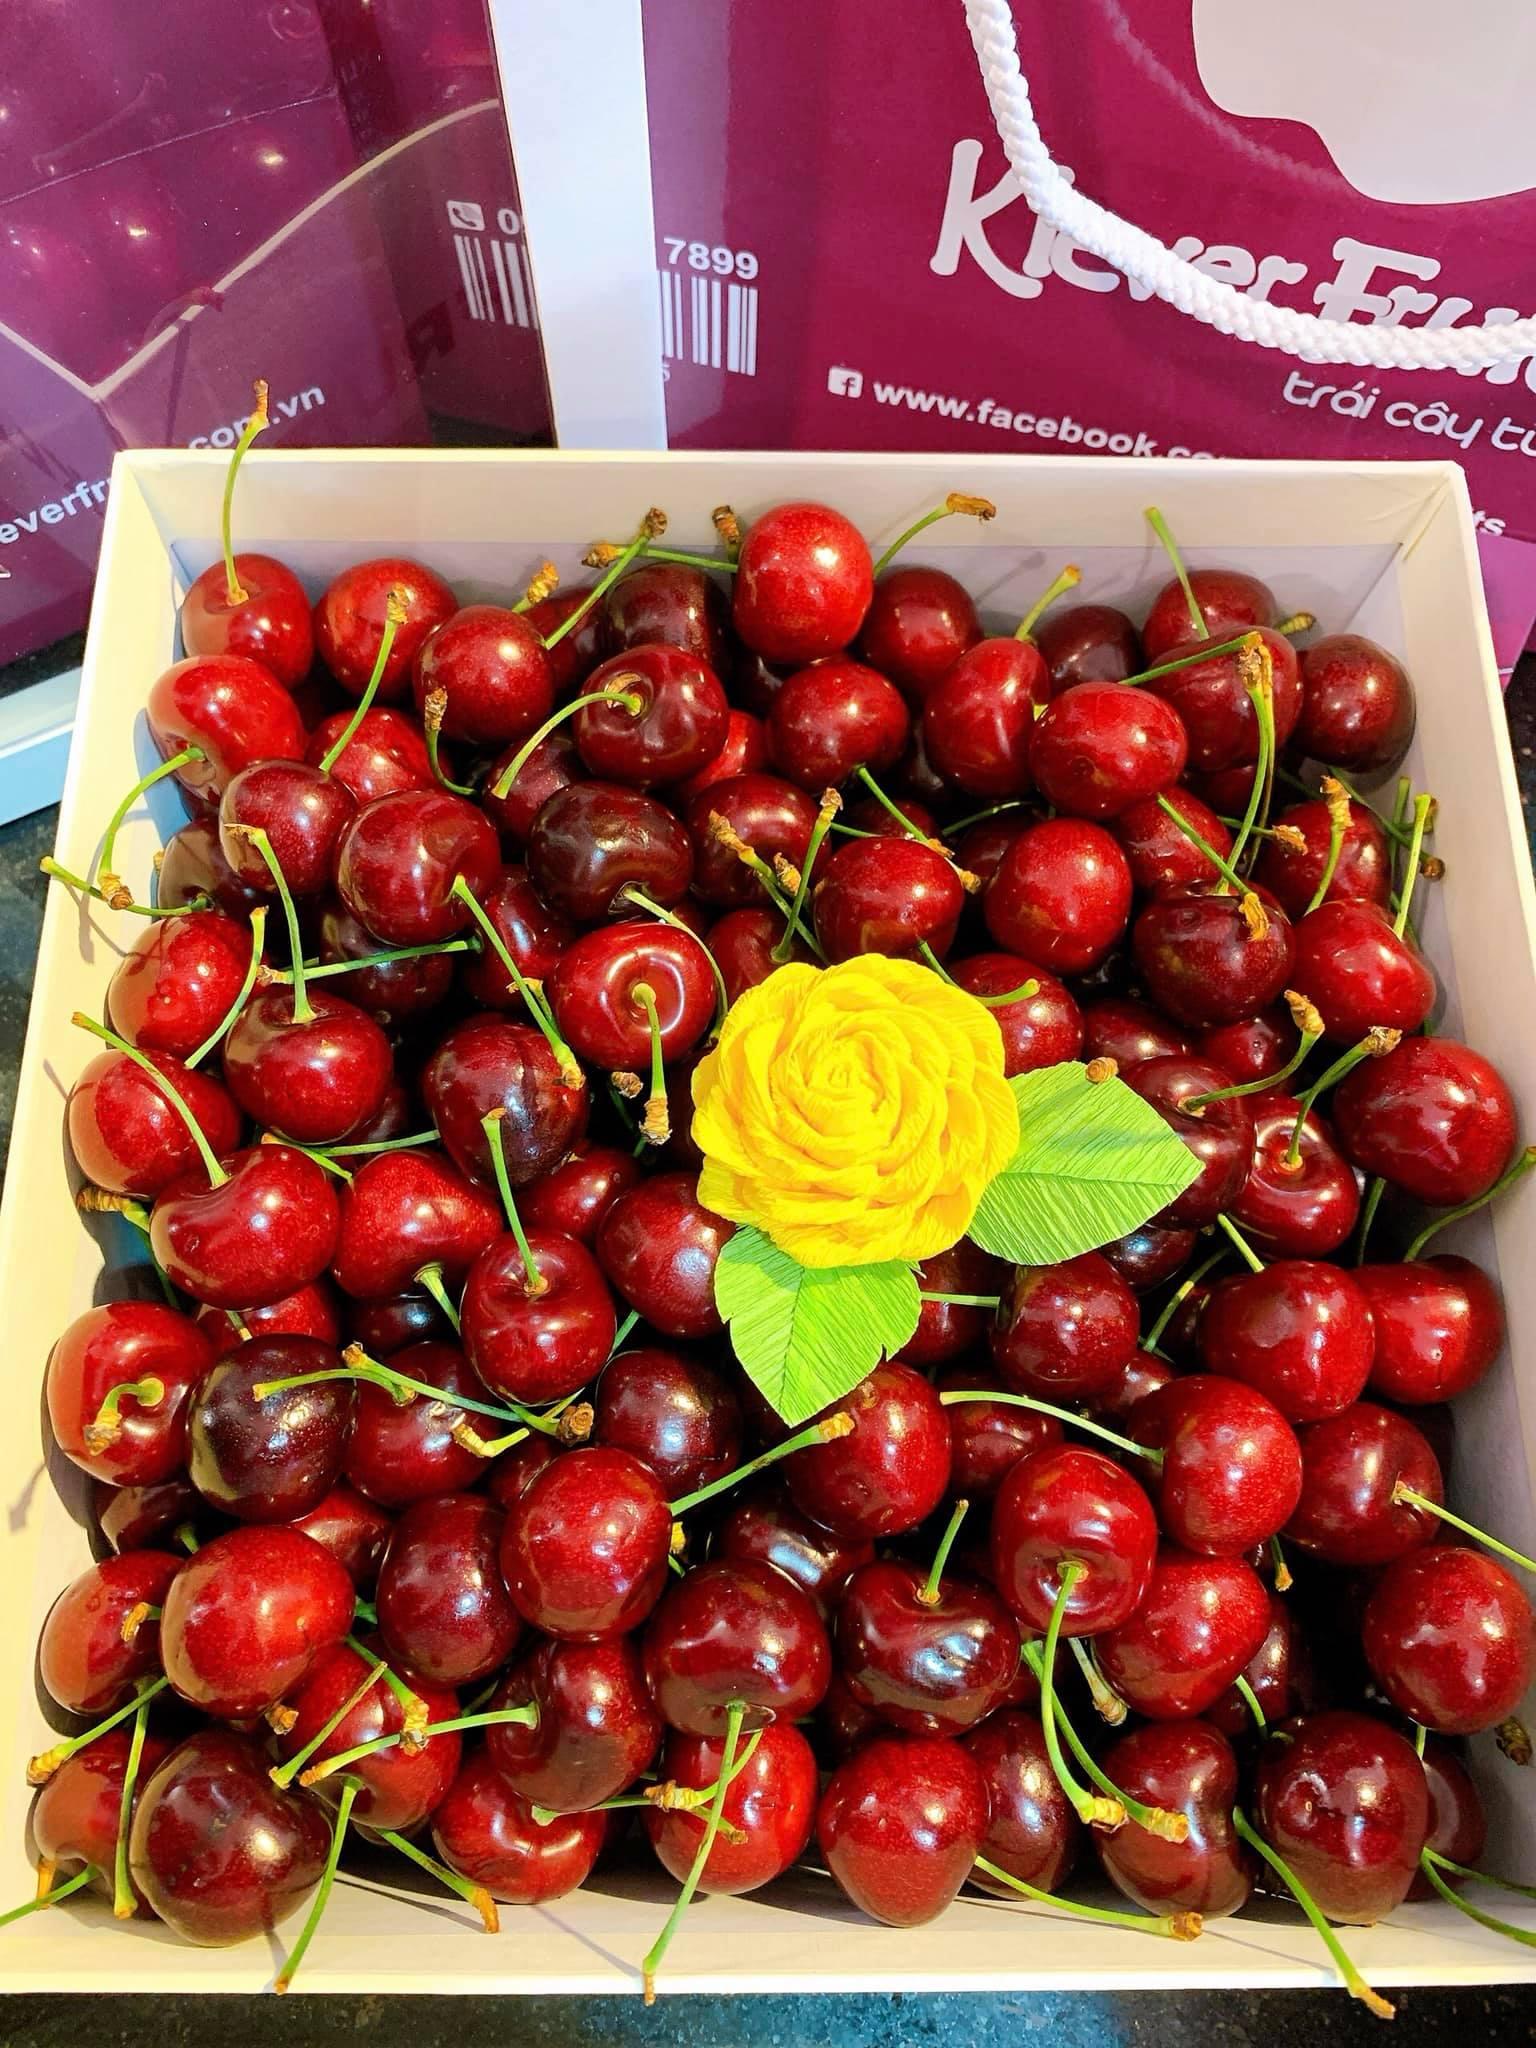 Tết biếu cherry cho sang xịn, thể nào người nhận cũng mê chữ ê kéo dài - Ảnh 7.